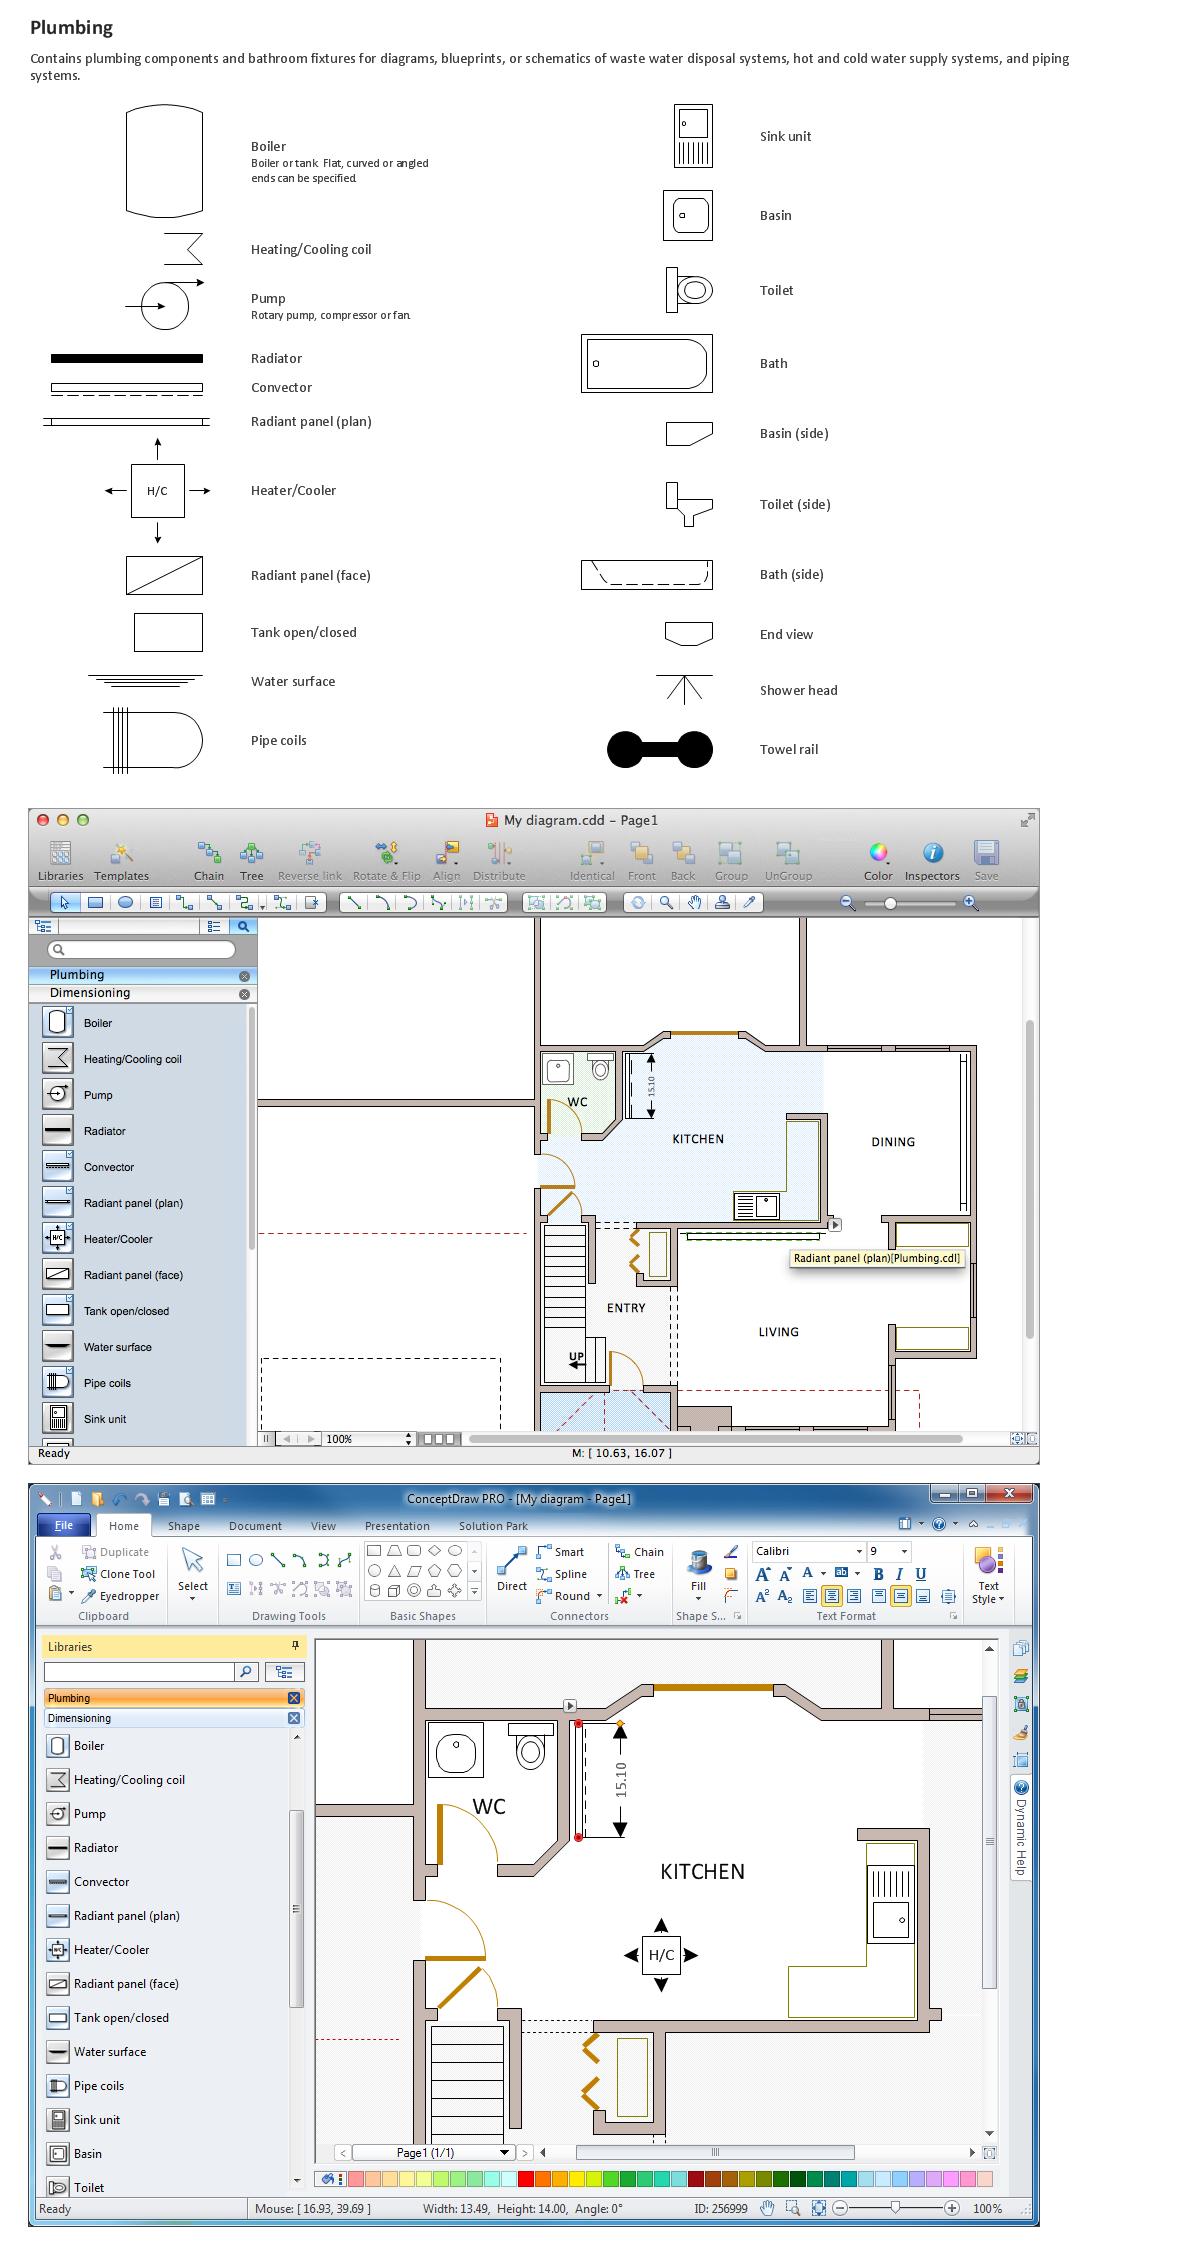 building drawing tools design elements plumbing electrical plan electrical symbols electrical diagram [ 1200 x 2250 Pixel ]